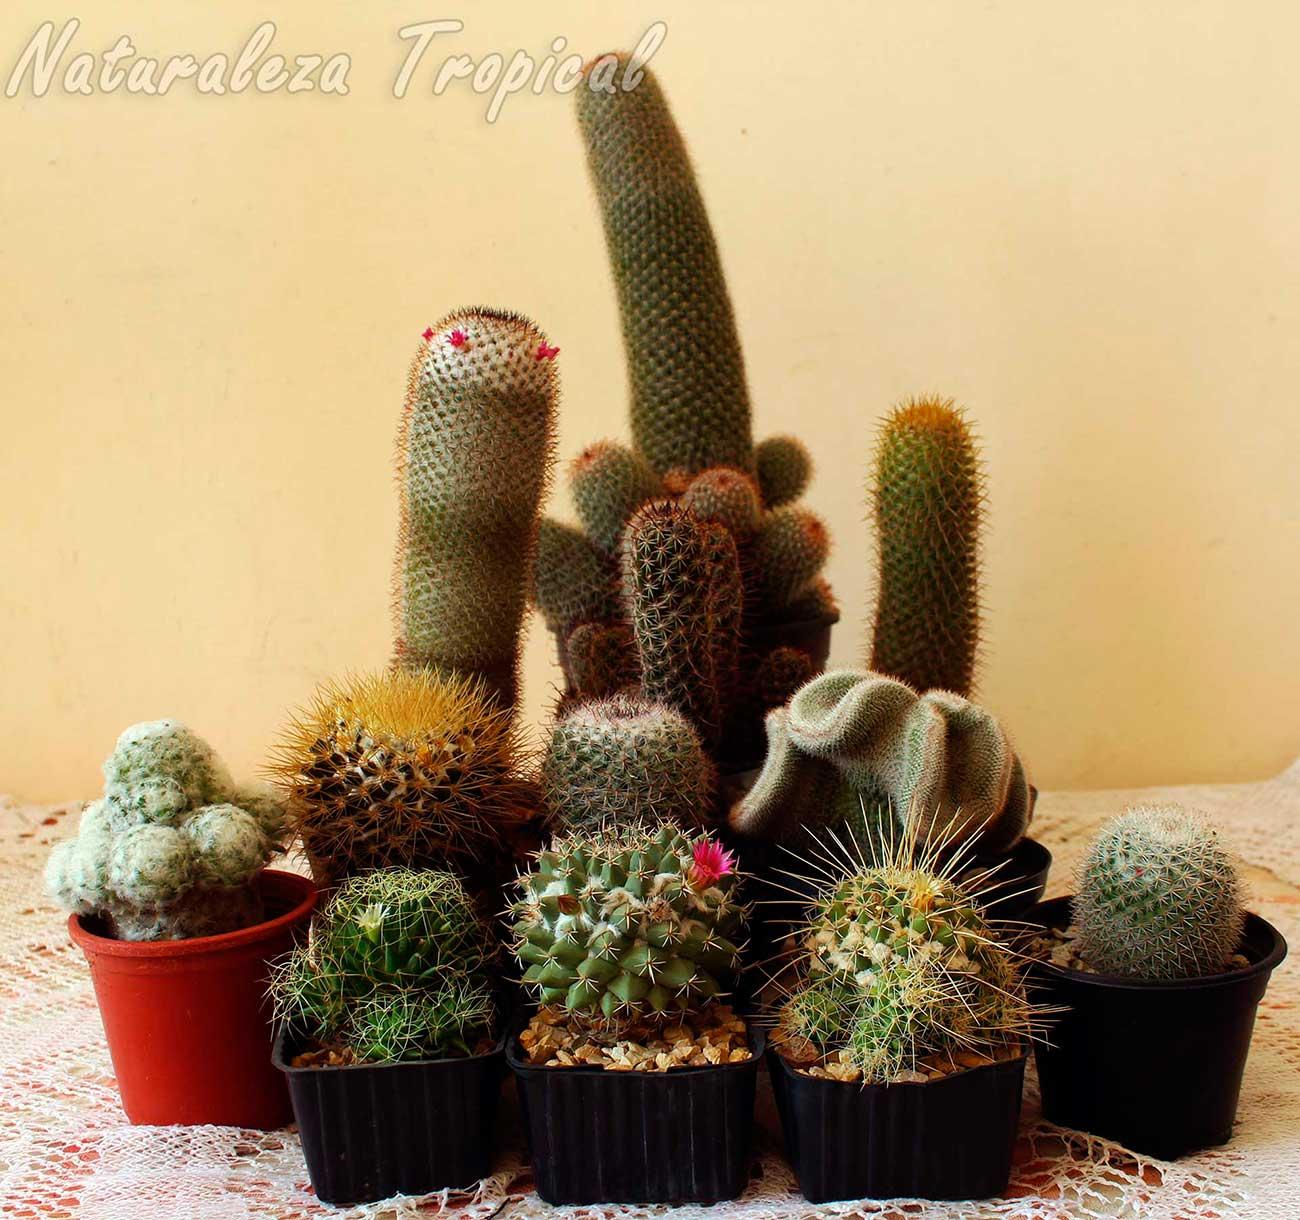 Grupo de cactus del género Mammillaria donde se observa la variabilidad